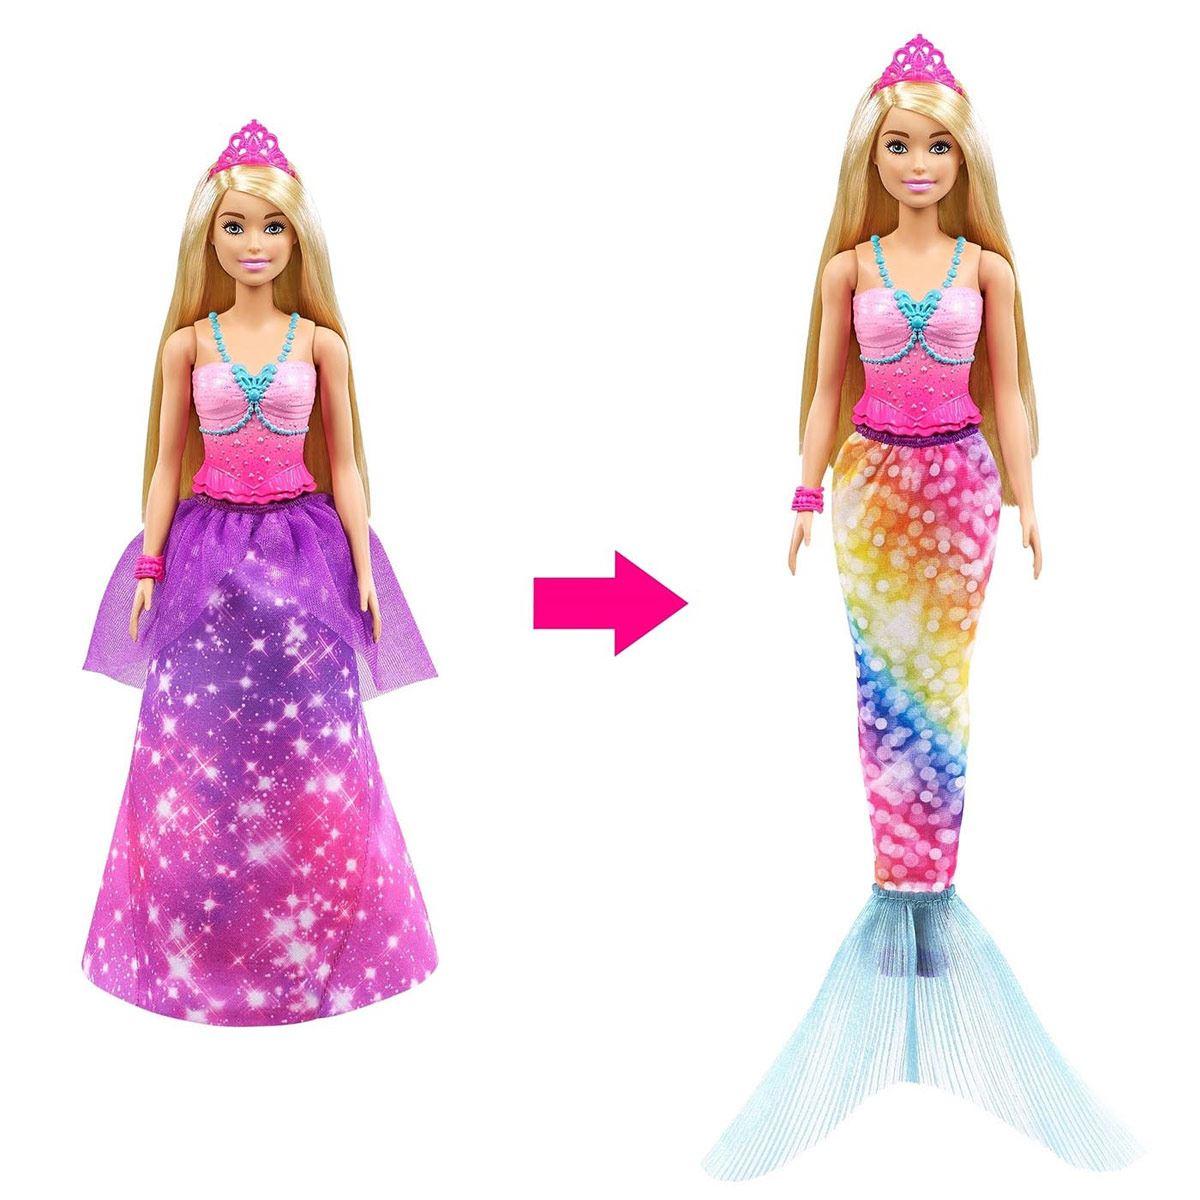 Barbie Dreamtopia Princesa 2 en 1